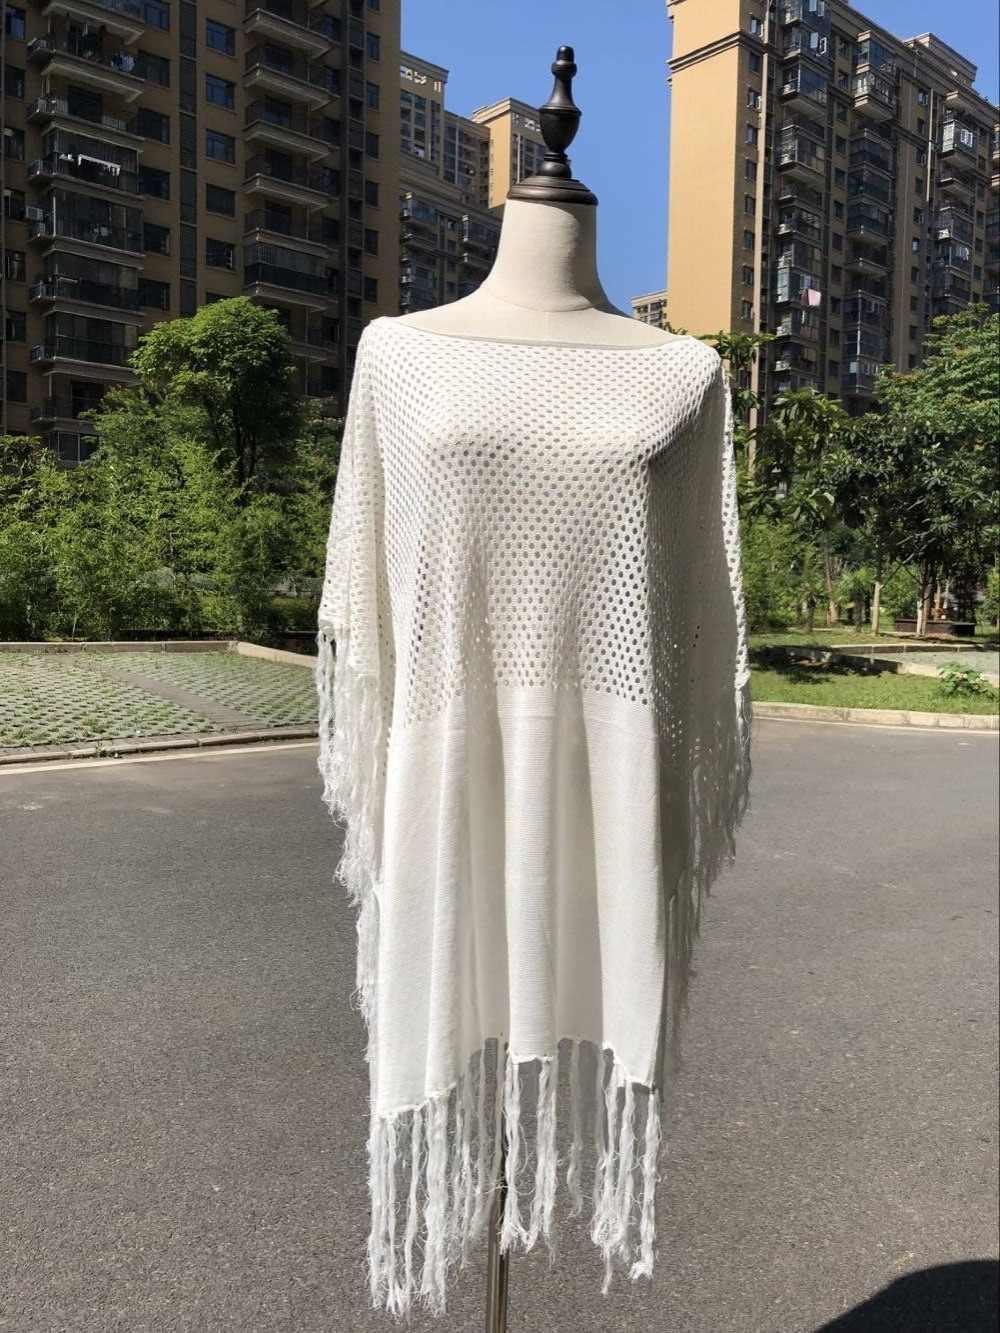 2020 saçaklı yaz kadın plaj kıyafeti mayo Cover Up banyo elbise seksi beyaz tığ tunik Bikini şal Cover-Up sarongs # Q483